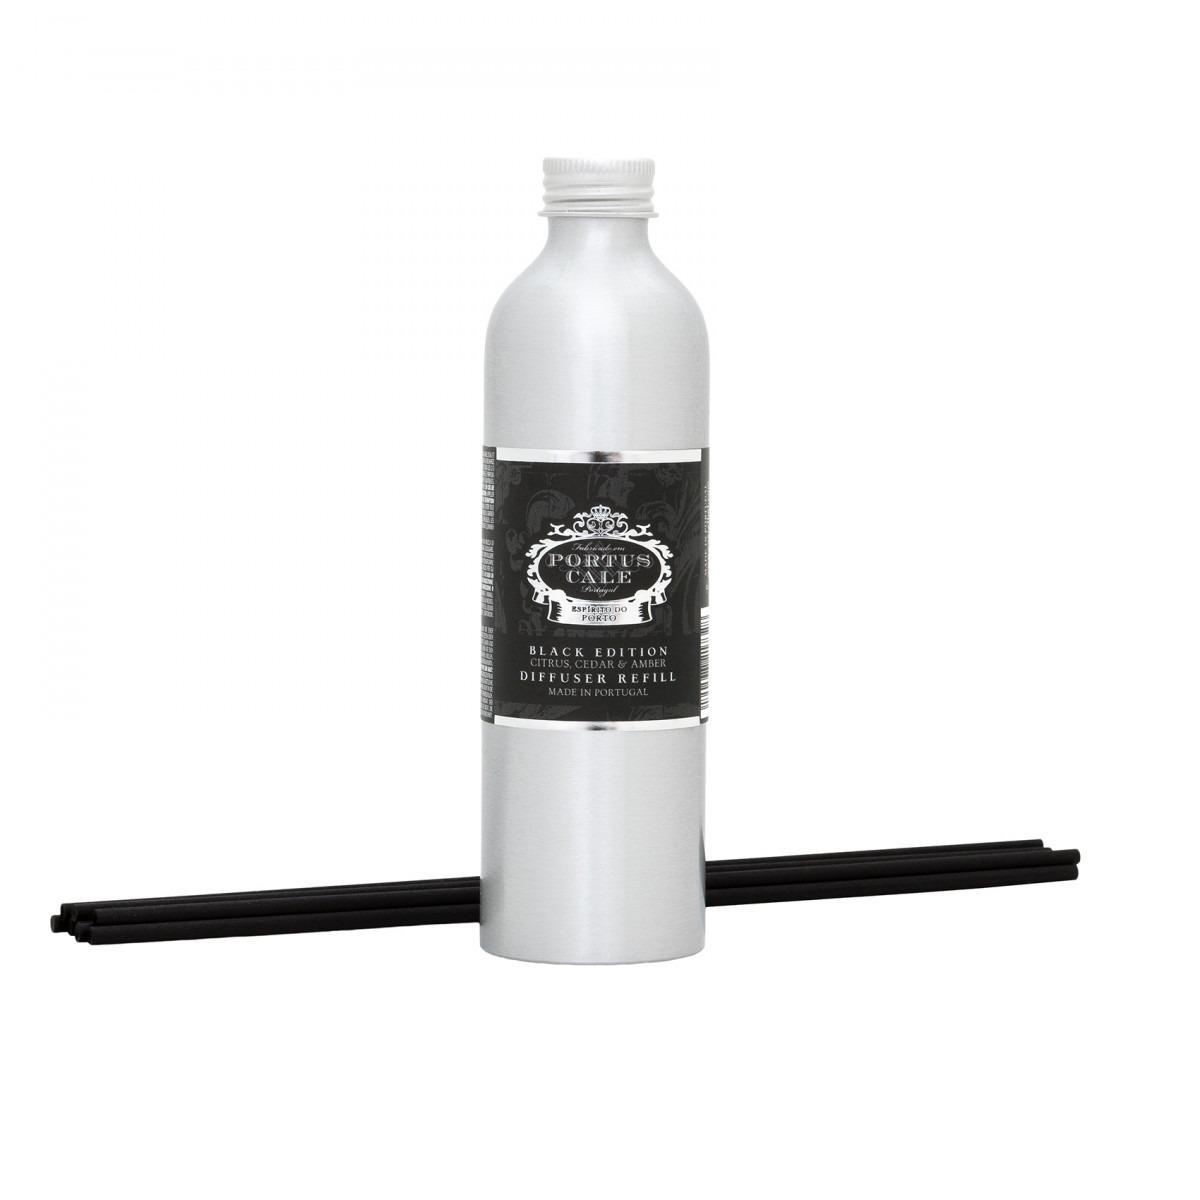 Portus Cale Black Edition Diffuser Refill 250ml